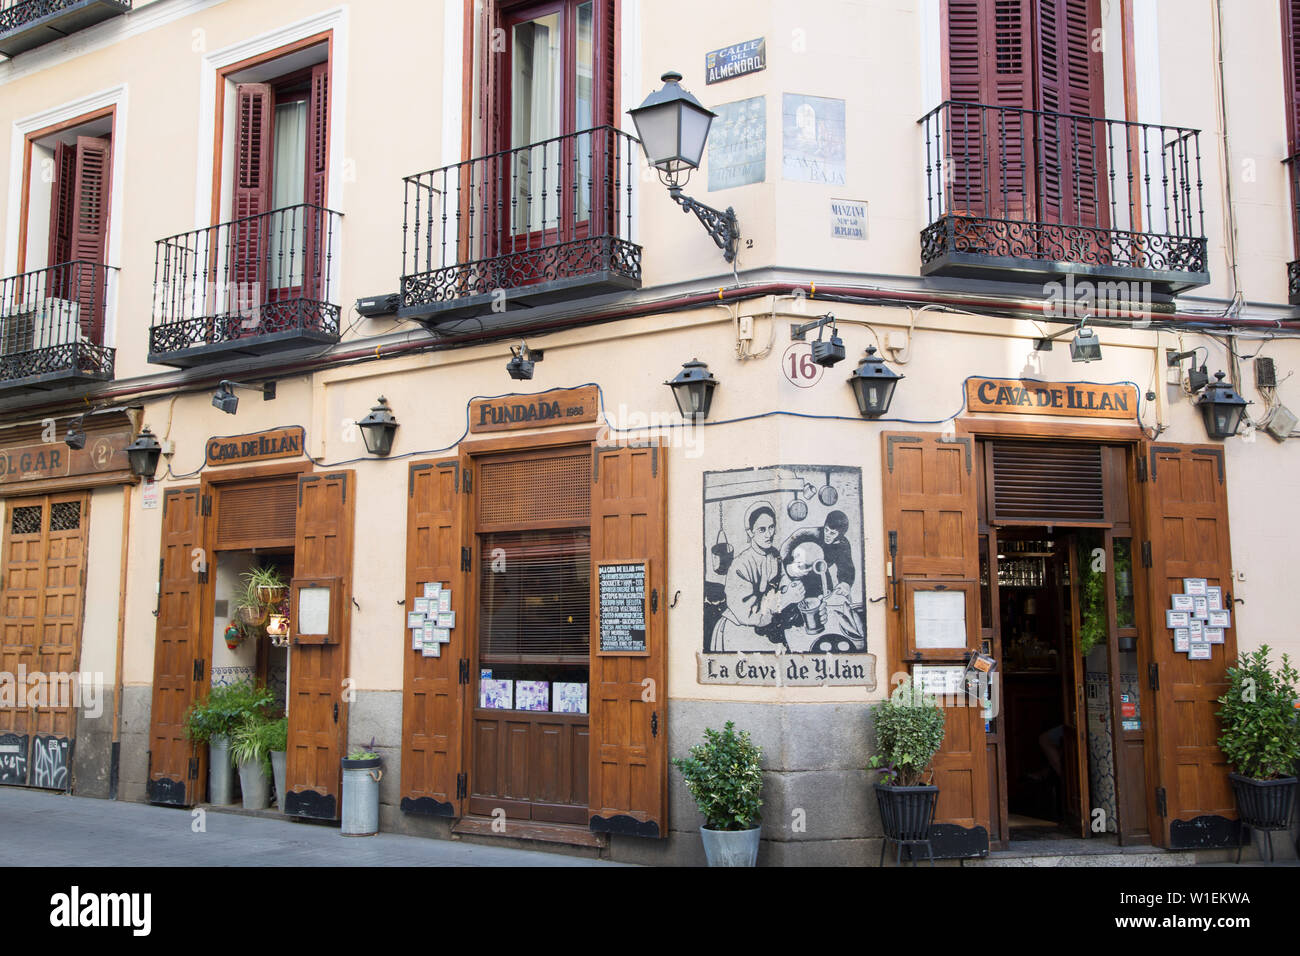 Fotografo Cava Dei Tirreni page 2 - la cava high resolution stock photography and